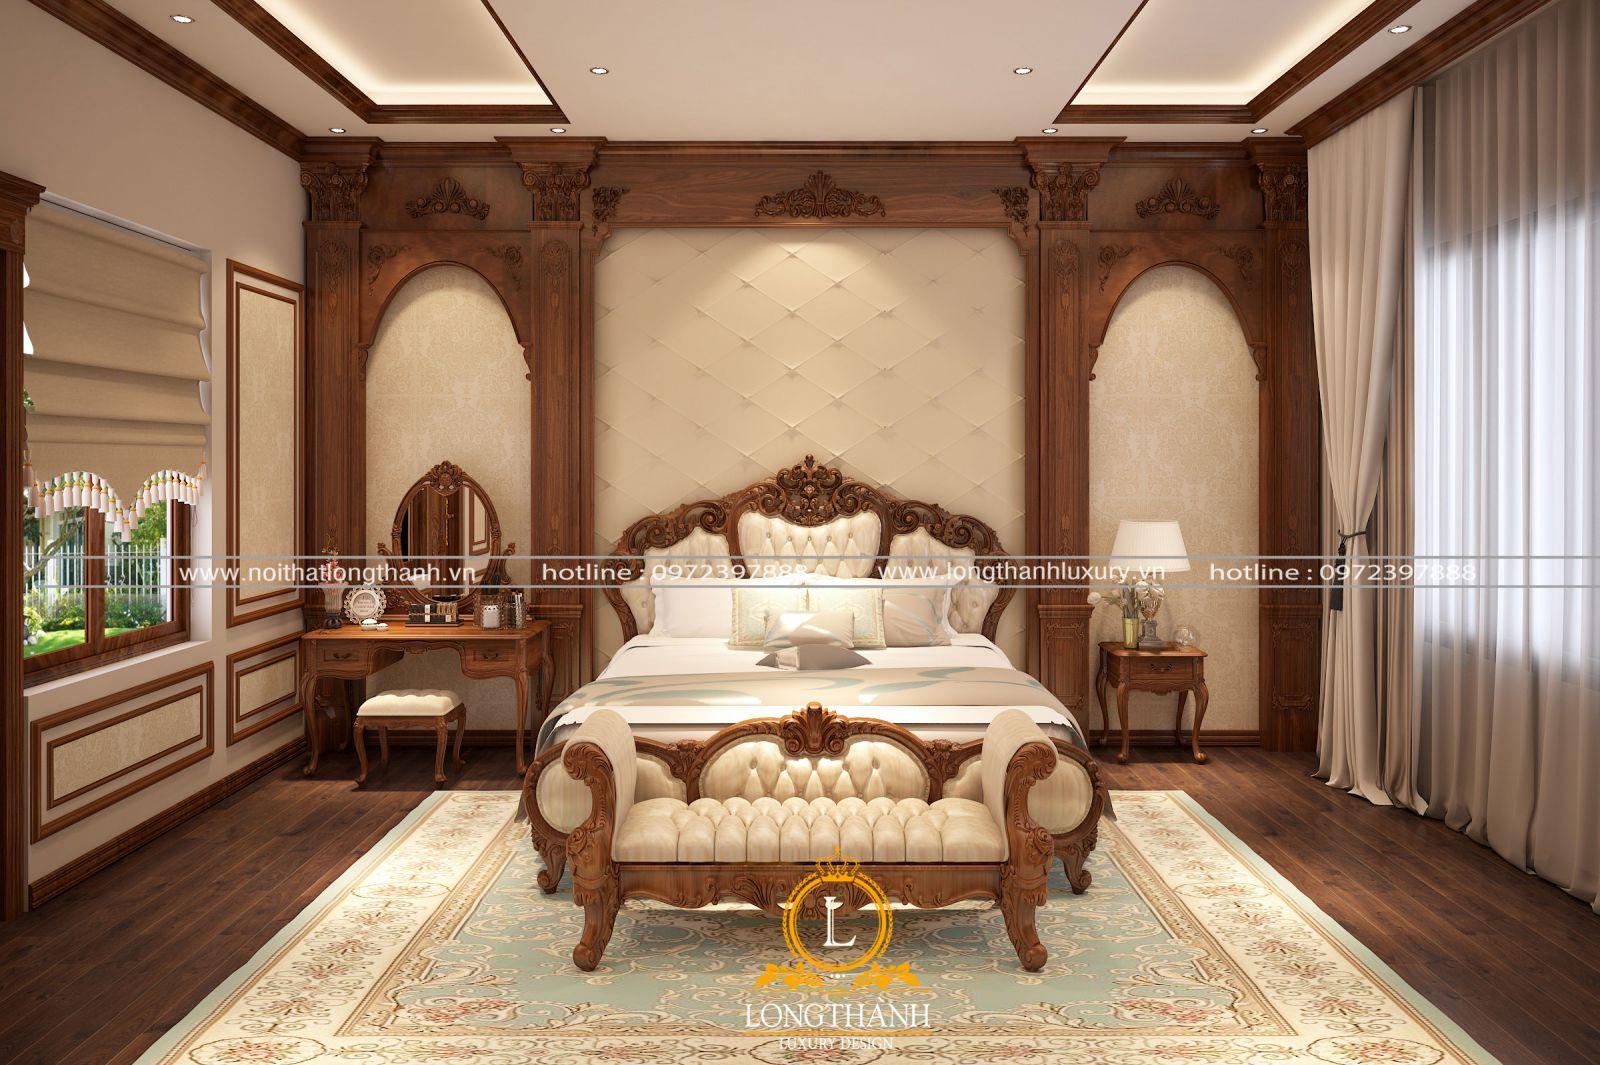 Lựa chọn kích giường ngủ phù hợp cho không gian